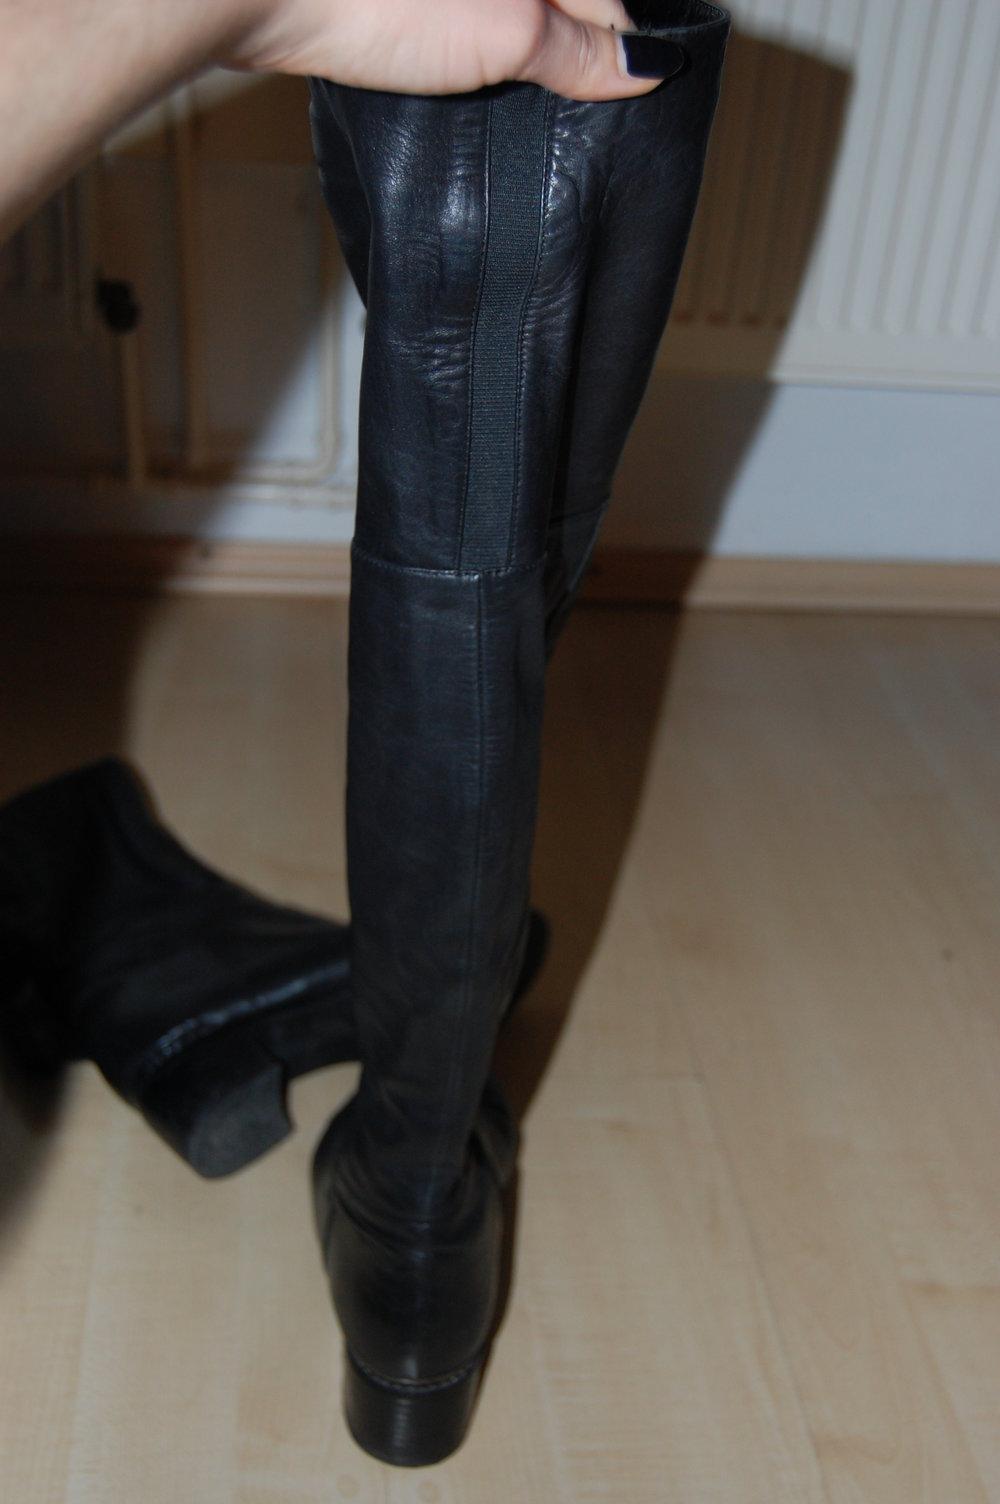 Overknee Italienische Warme Overknee Echtleder Warme Warme Italienische Stiefel Stiefel Italienische Echtleder Echtleder zMLjVpGqSU